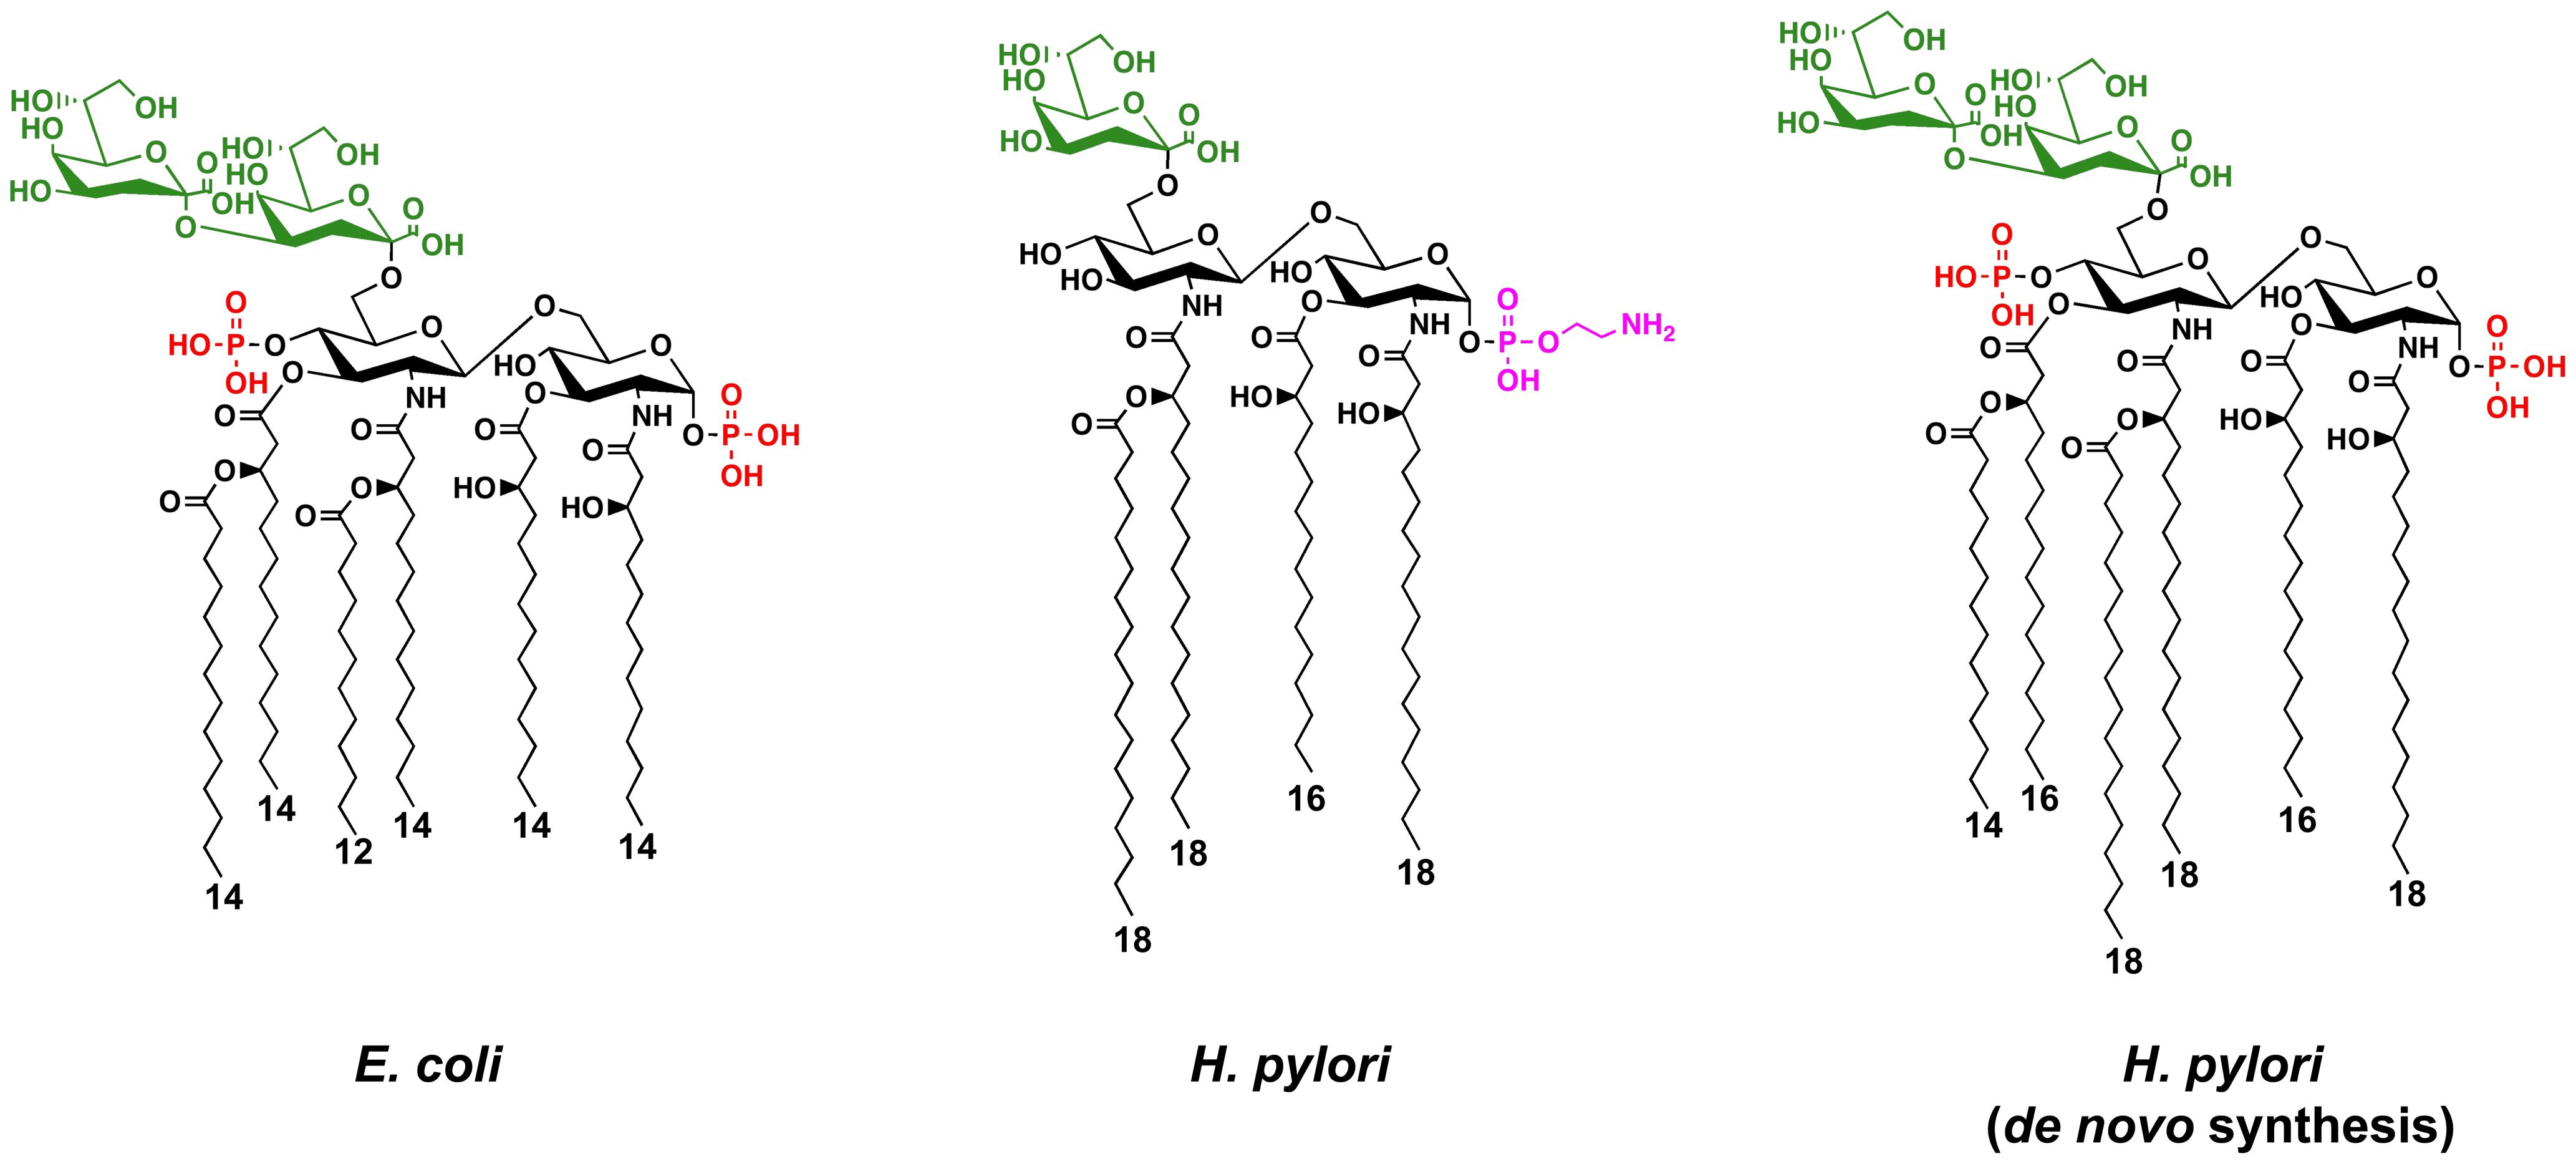 Chemical structures of the Kdo-lipid A domain of <i>E. coli</i> and <i>H. pylori</i>.